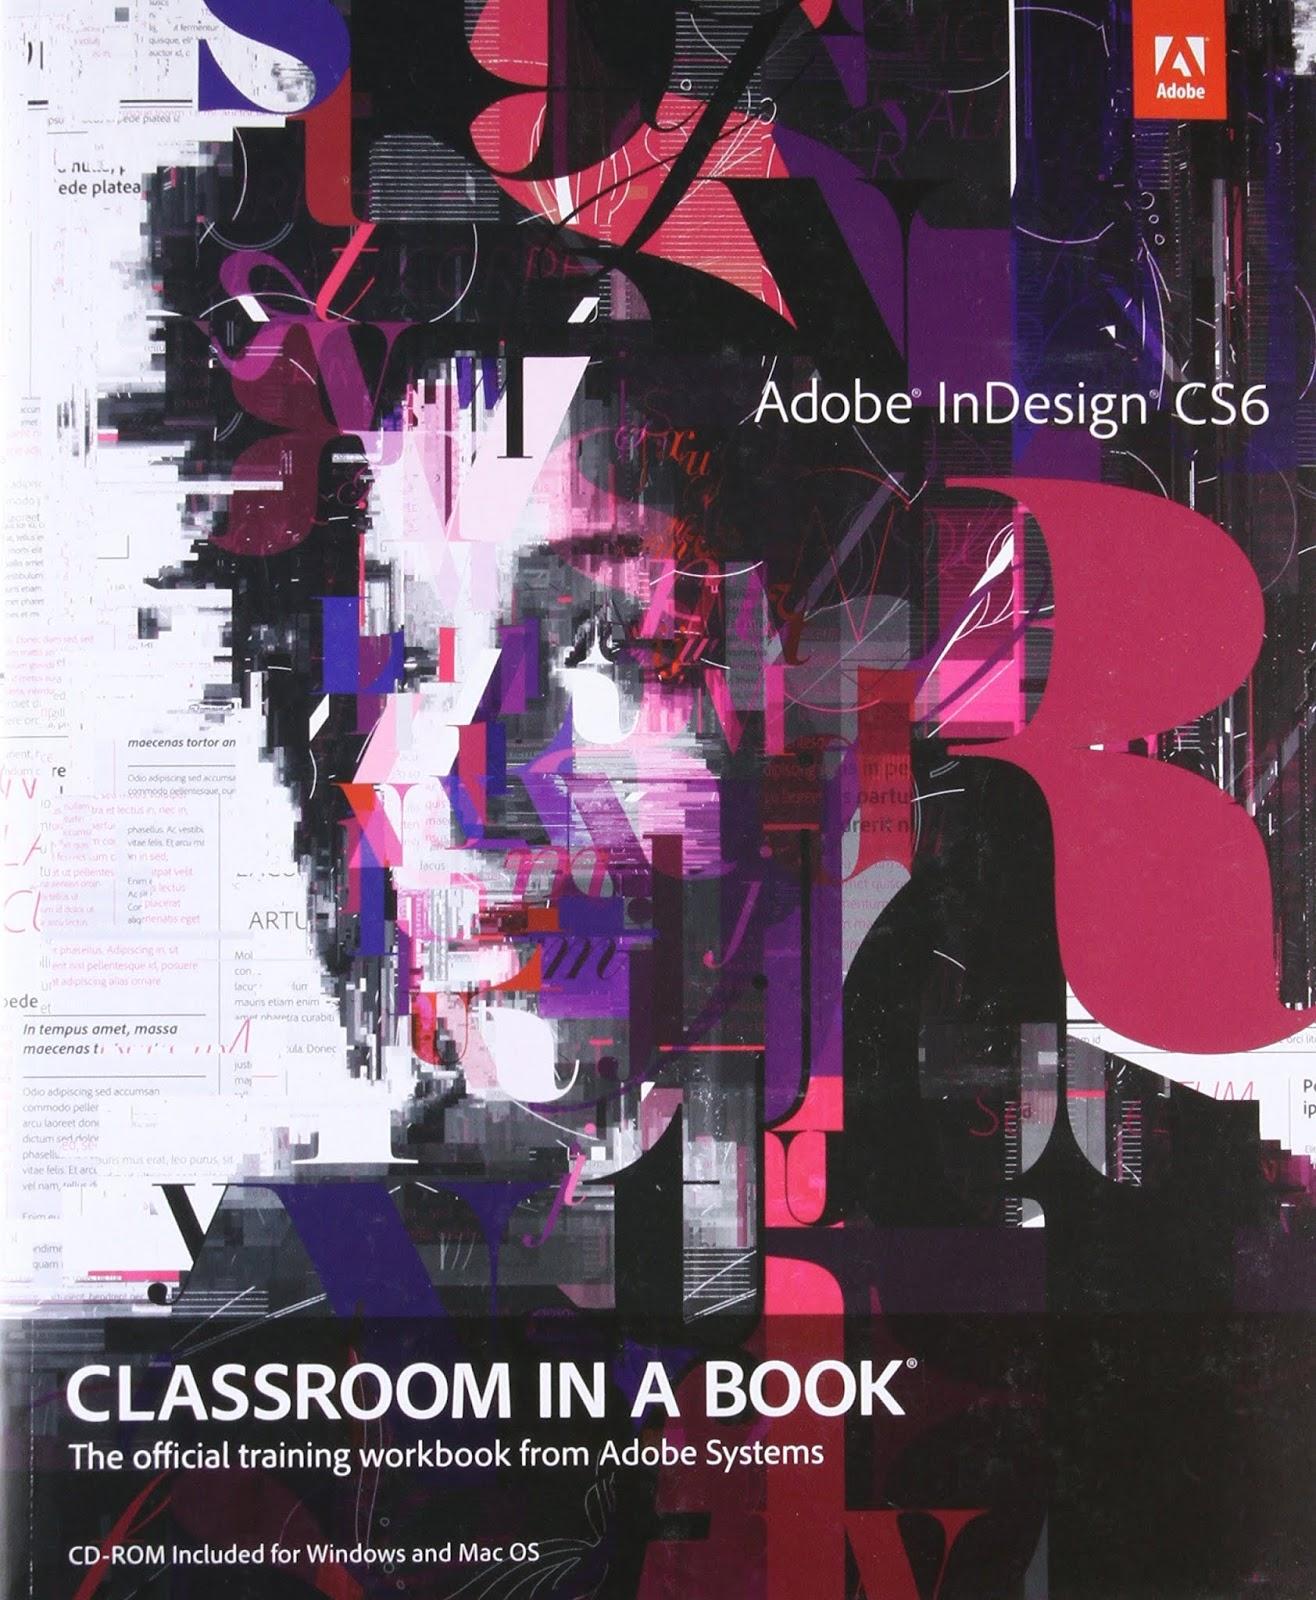 Adobe InDesign CS6 Portable descargar 1 link